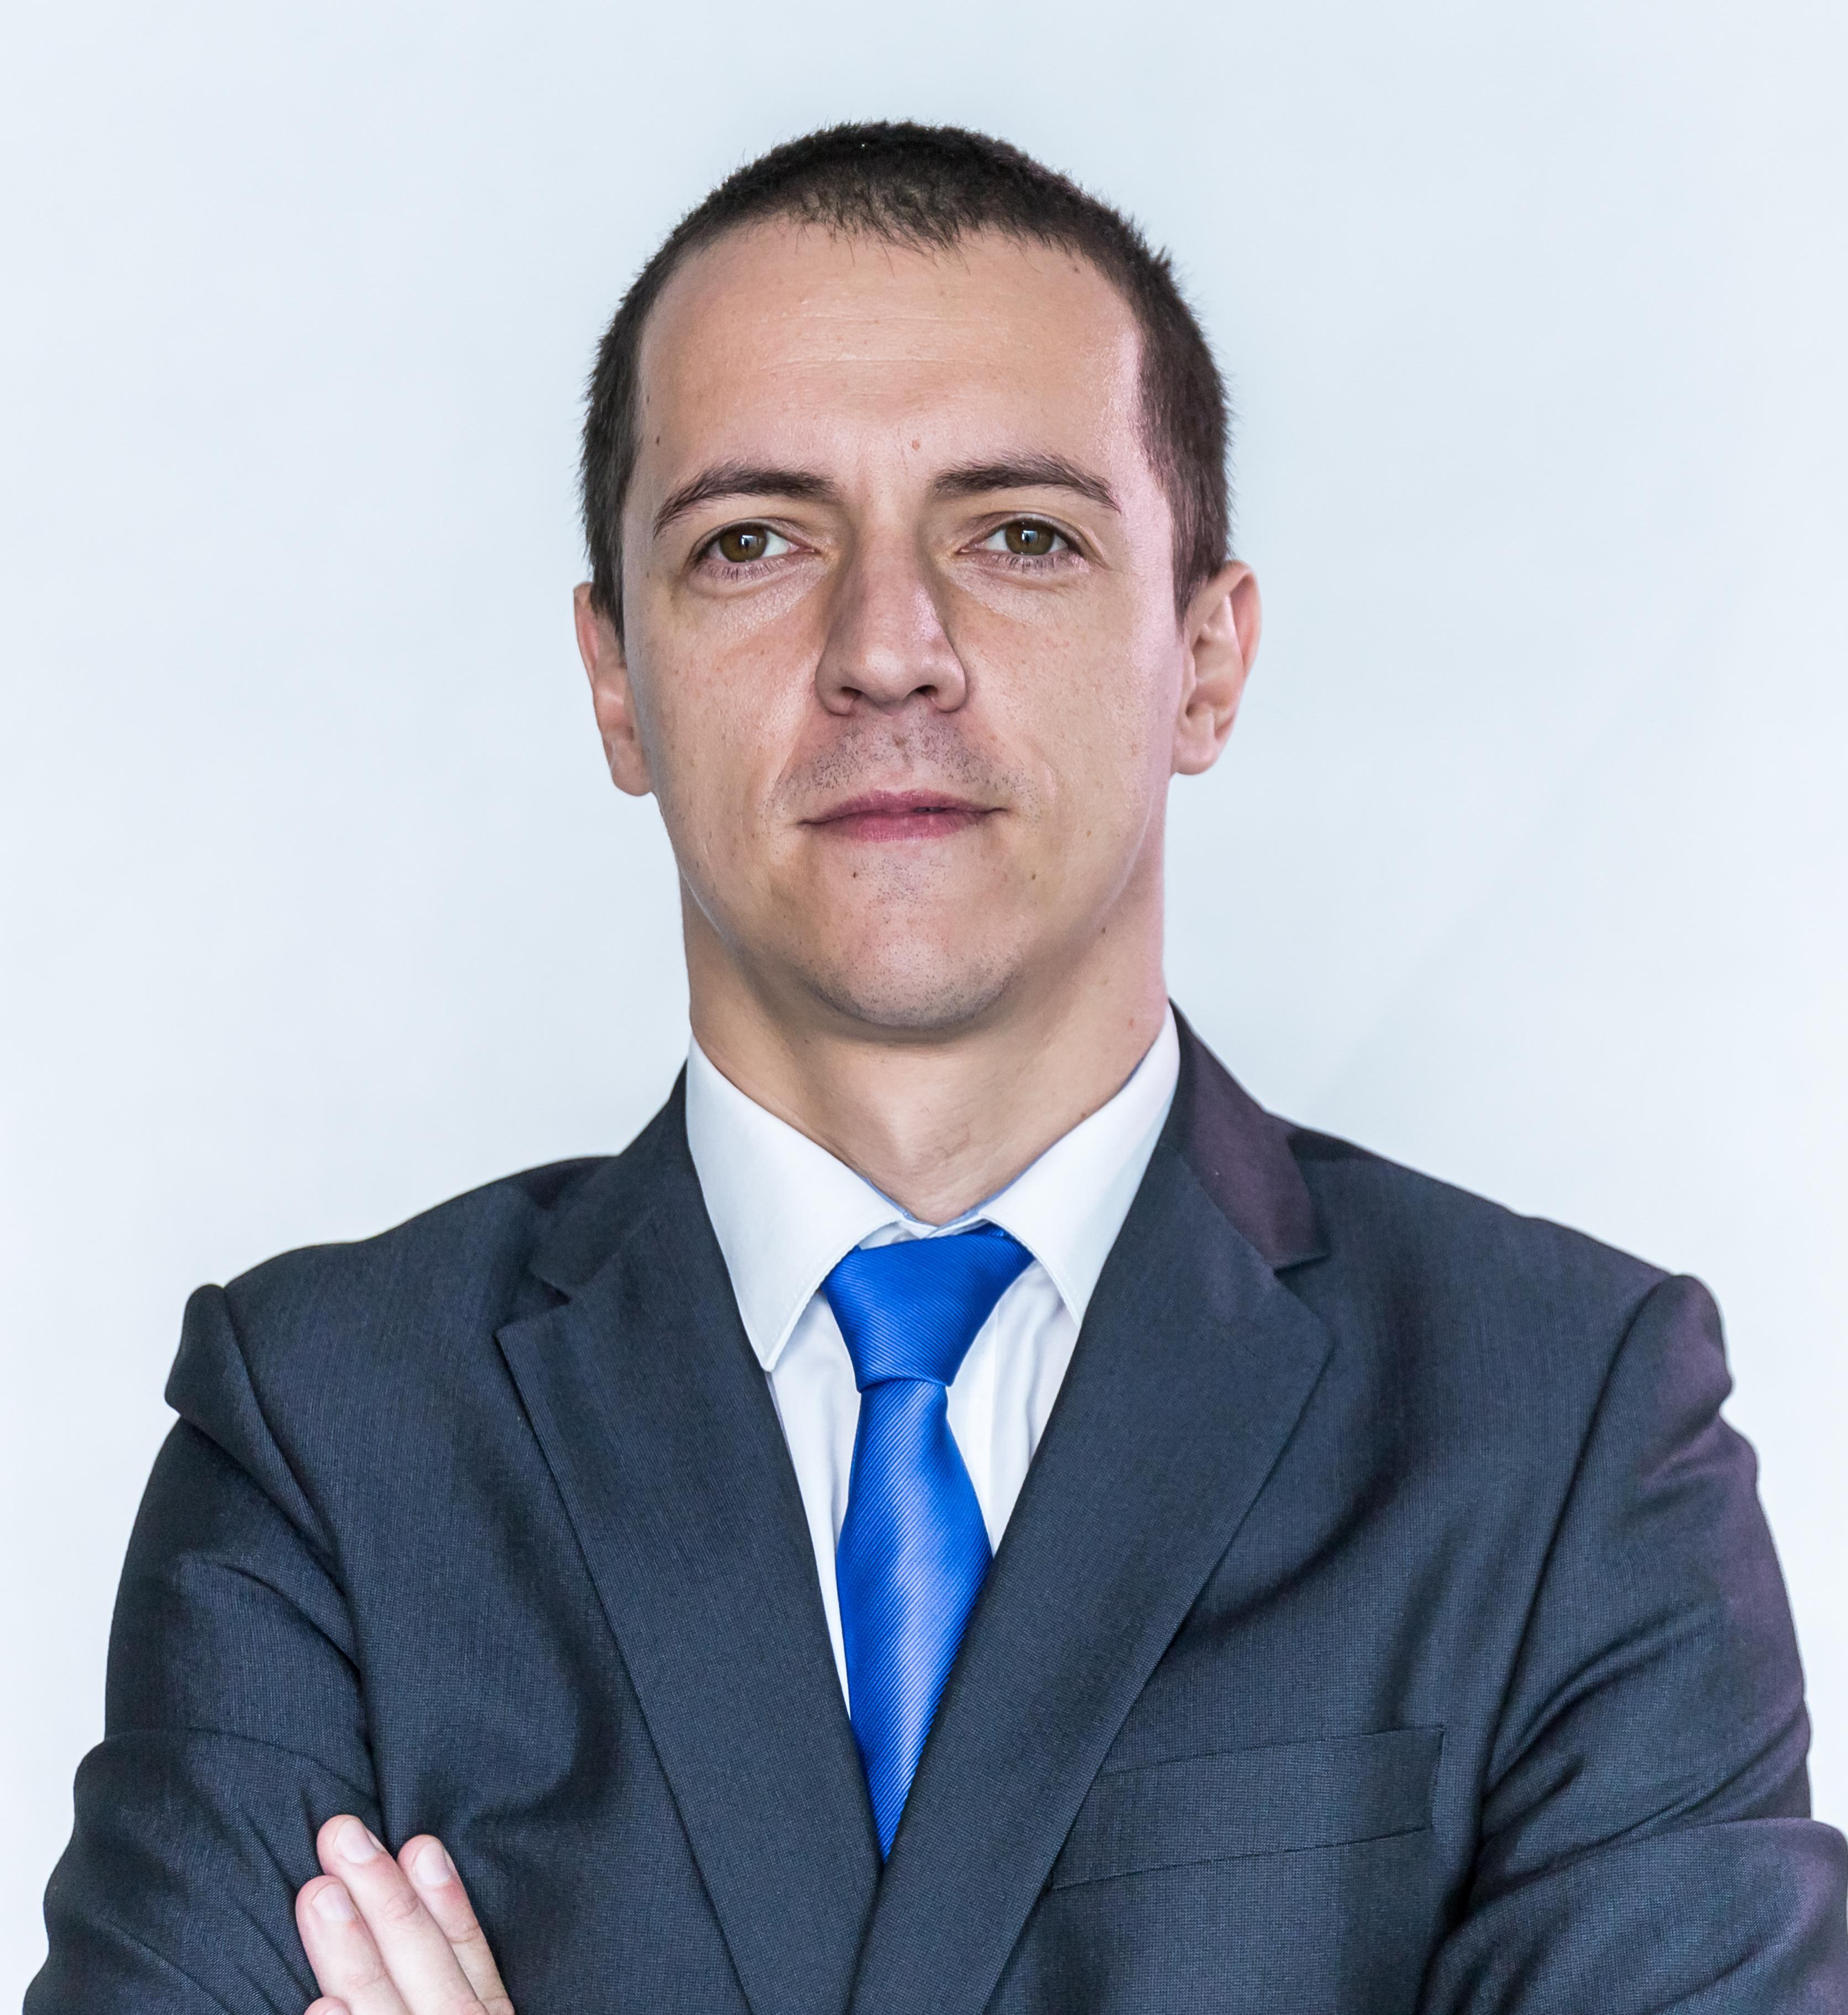 Andrzej Gwóźdź